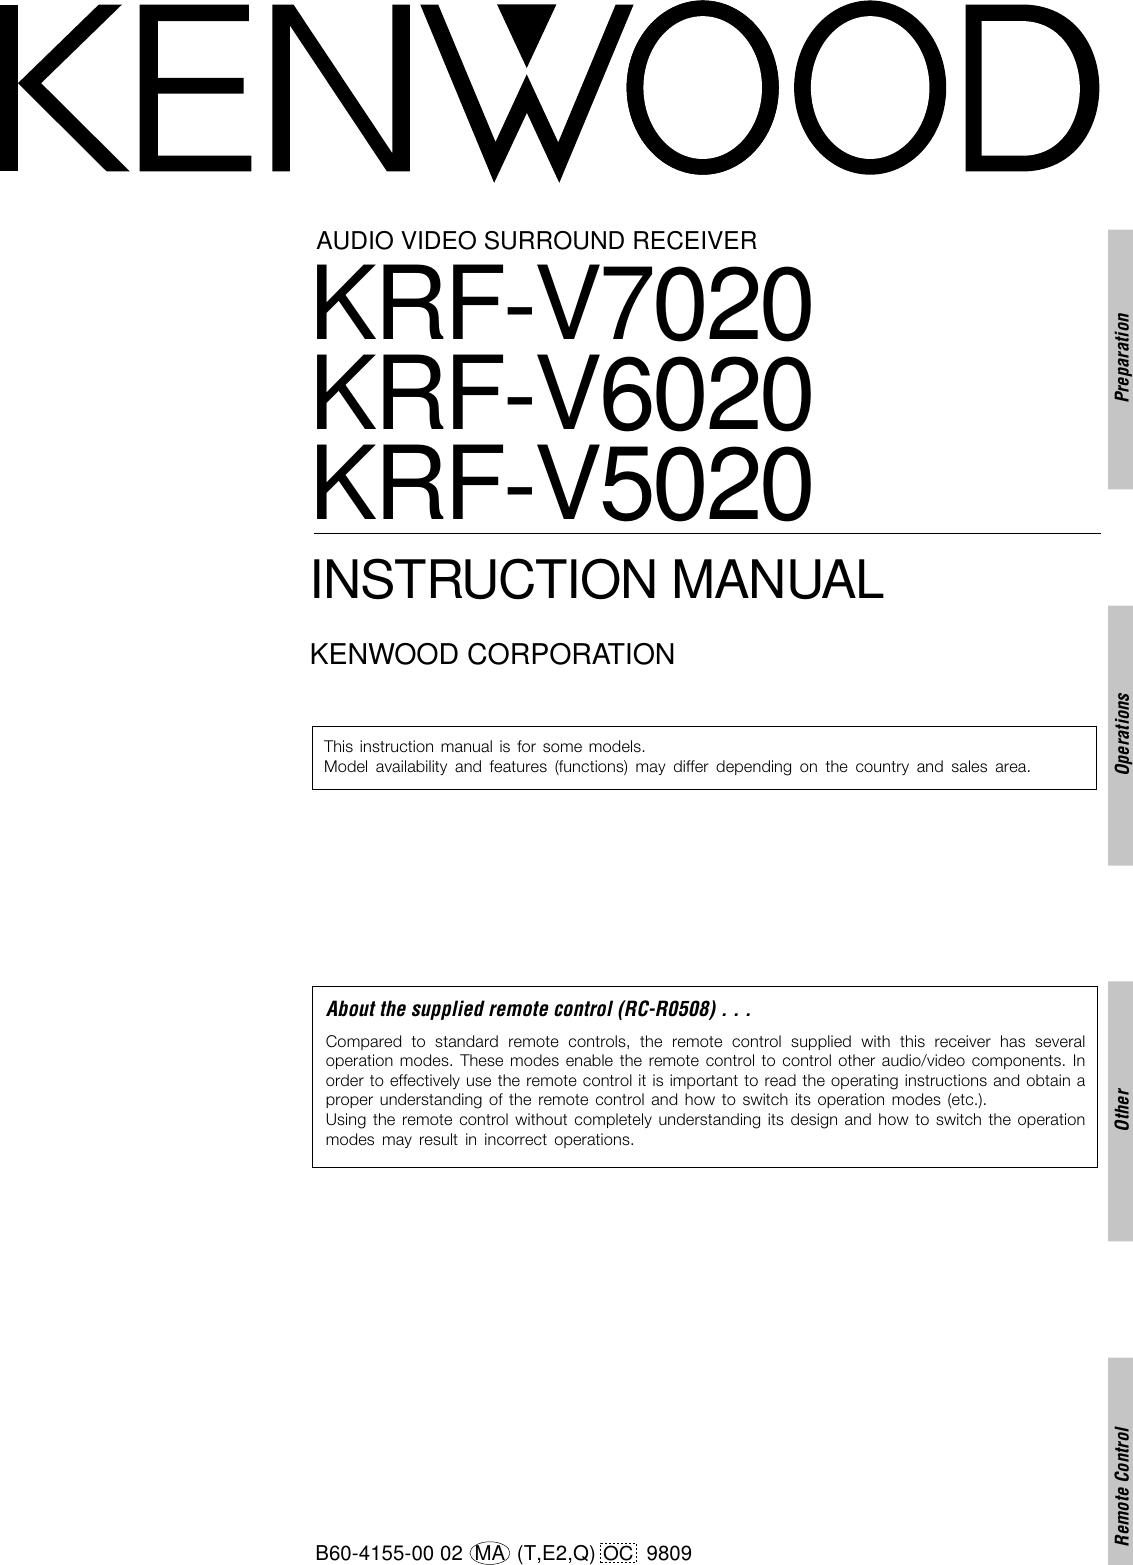 kenwood surround sound vr 60rs wiring diagram wiring diagramkenwood surround  sound vr 60rs wiring diagram best